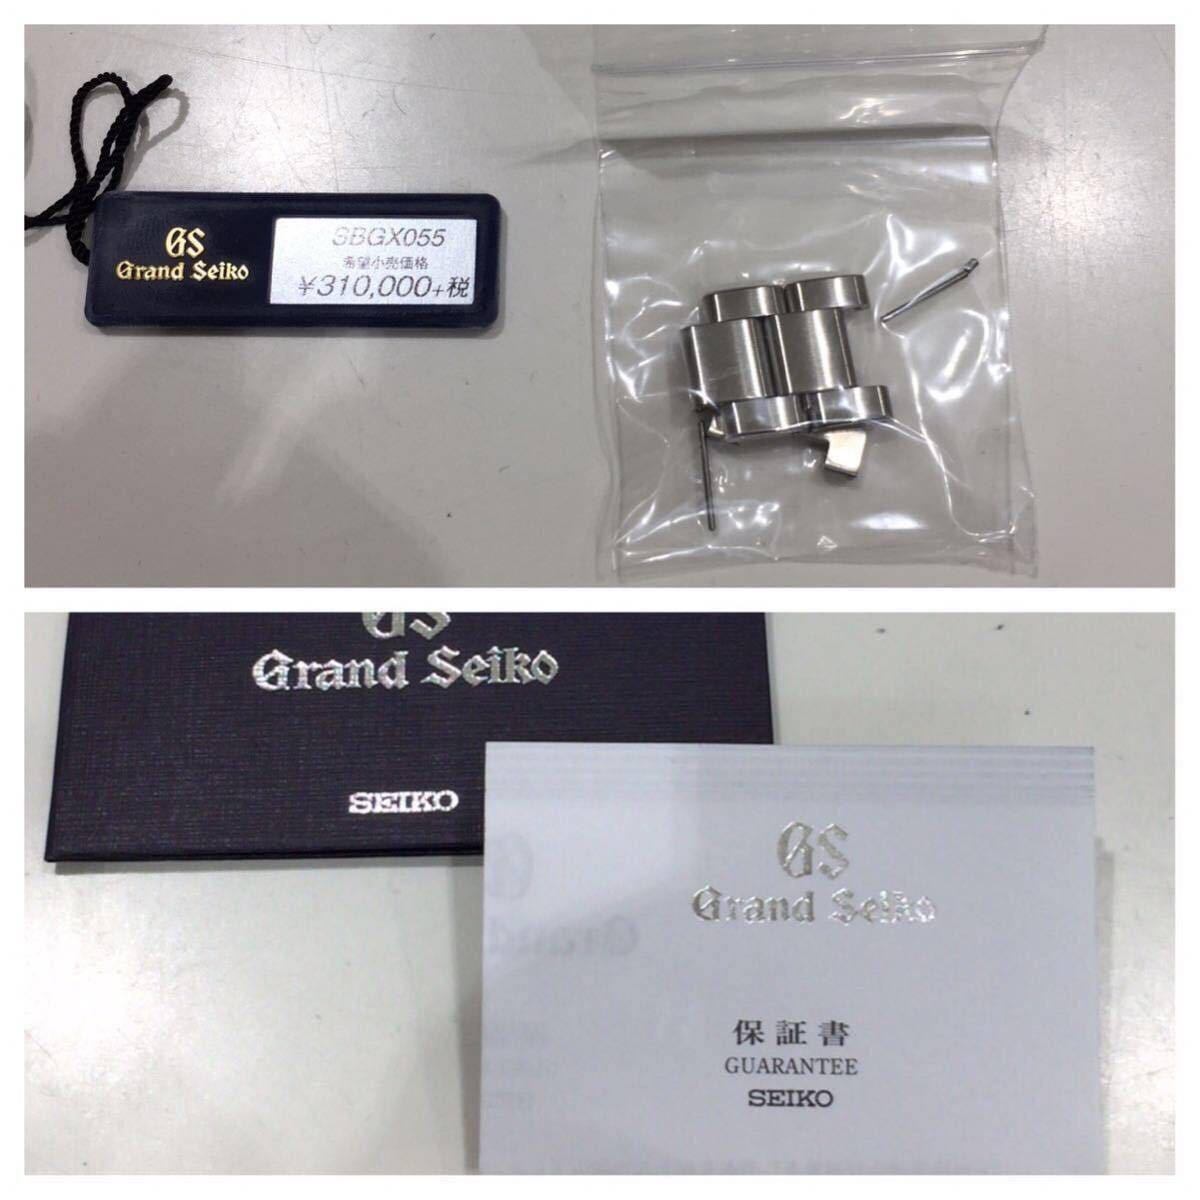 【SEIKO】グランドセイコー GRAND SEIKO GS クォーツ腕時計 SBGX055 9F62-0AA1 黒文字盤 シルバー ブラック 年差クォーツ ts1011_画像9